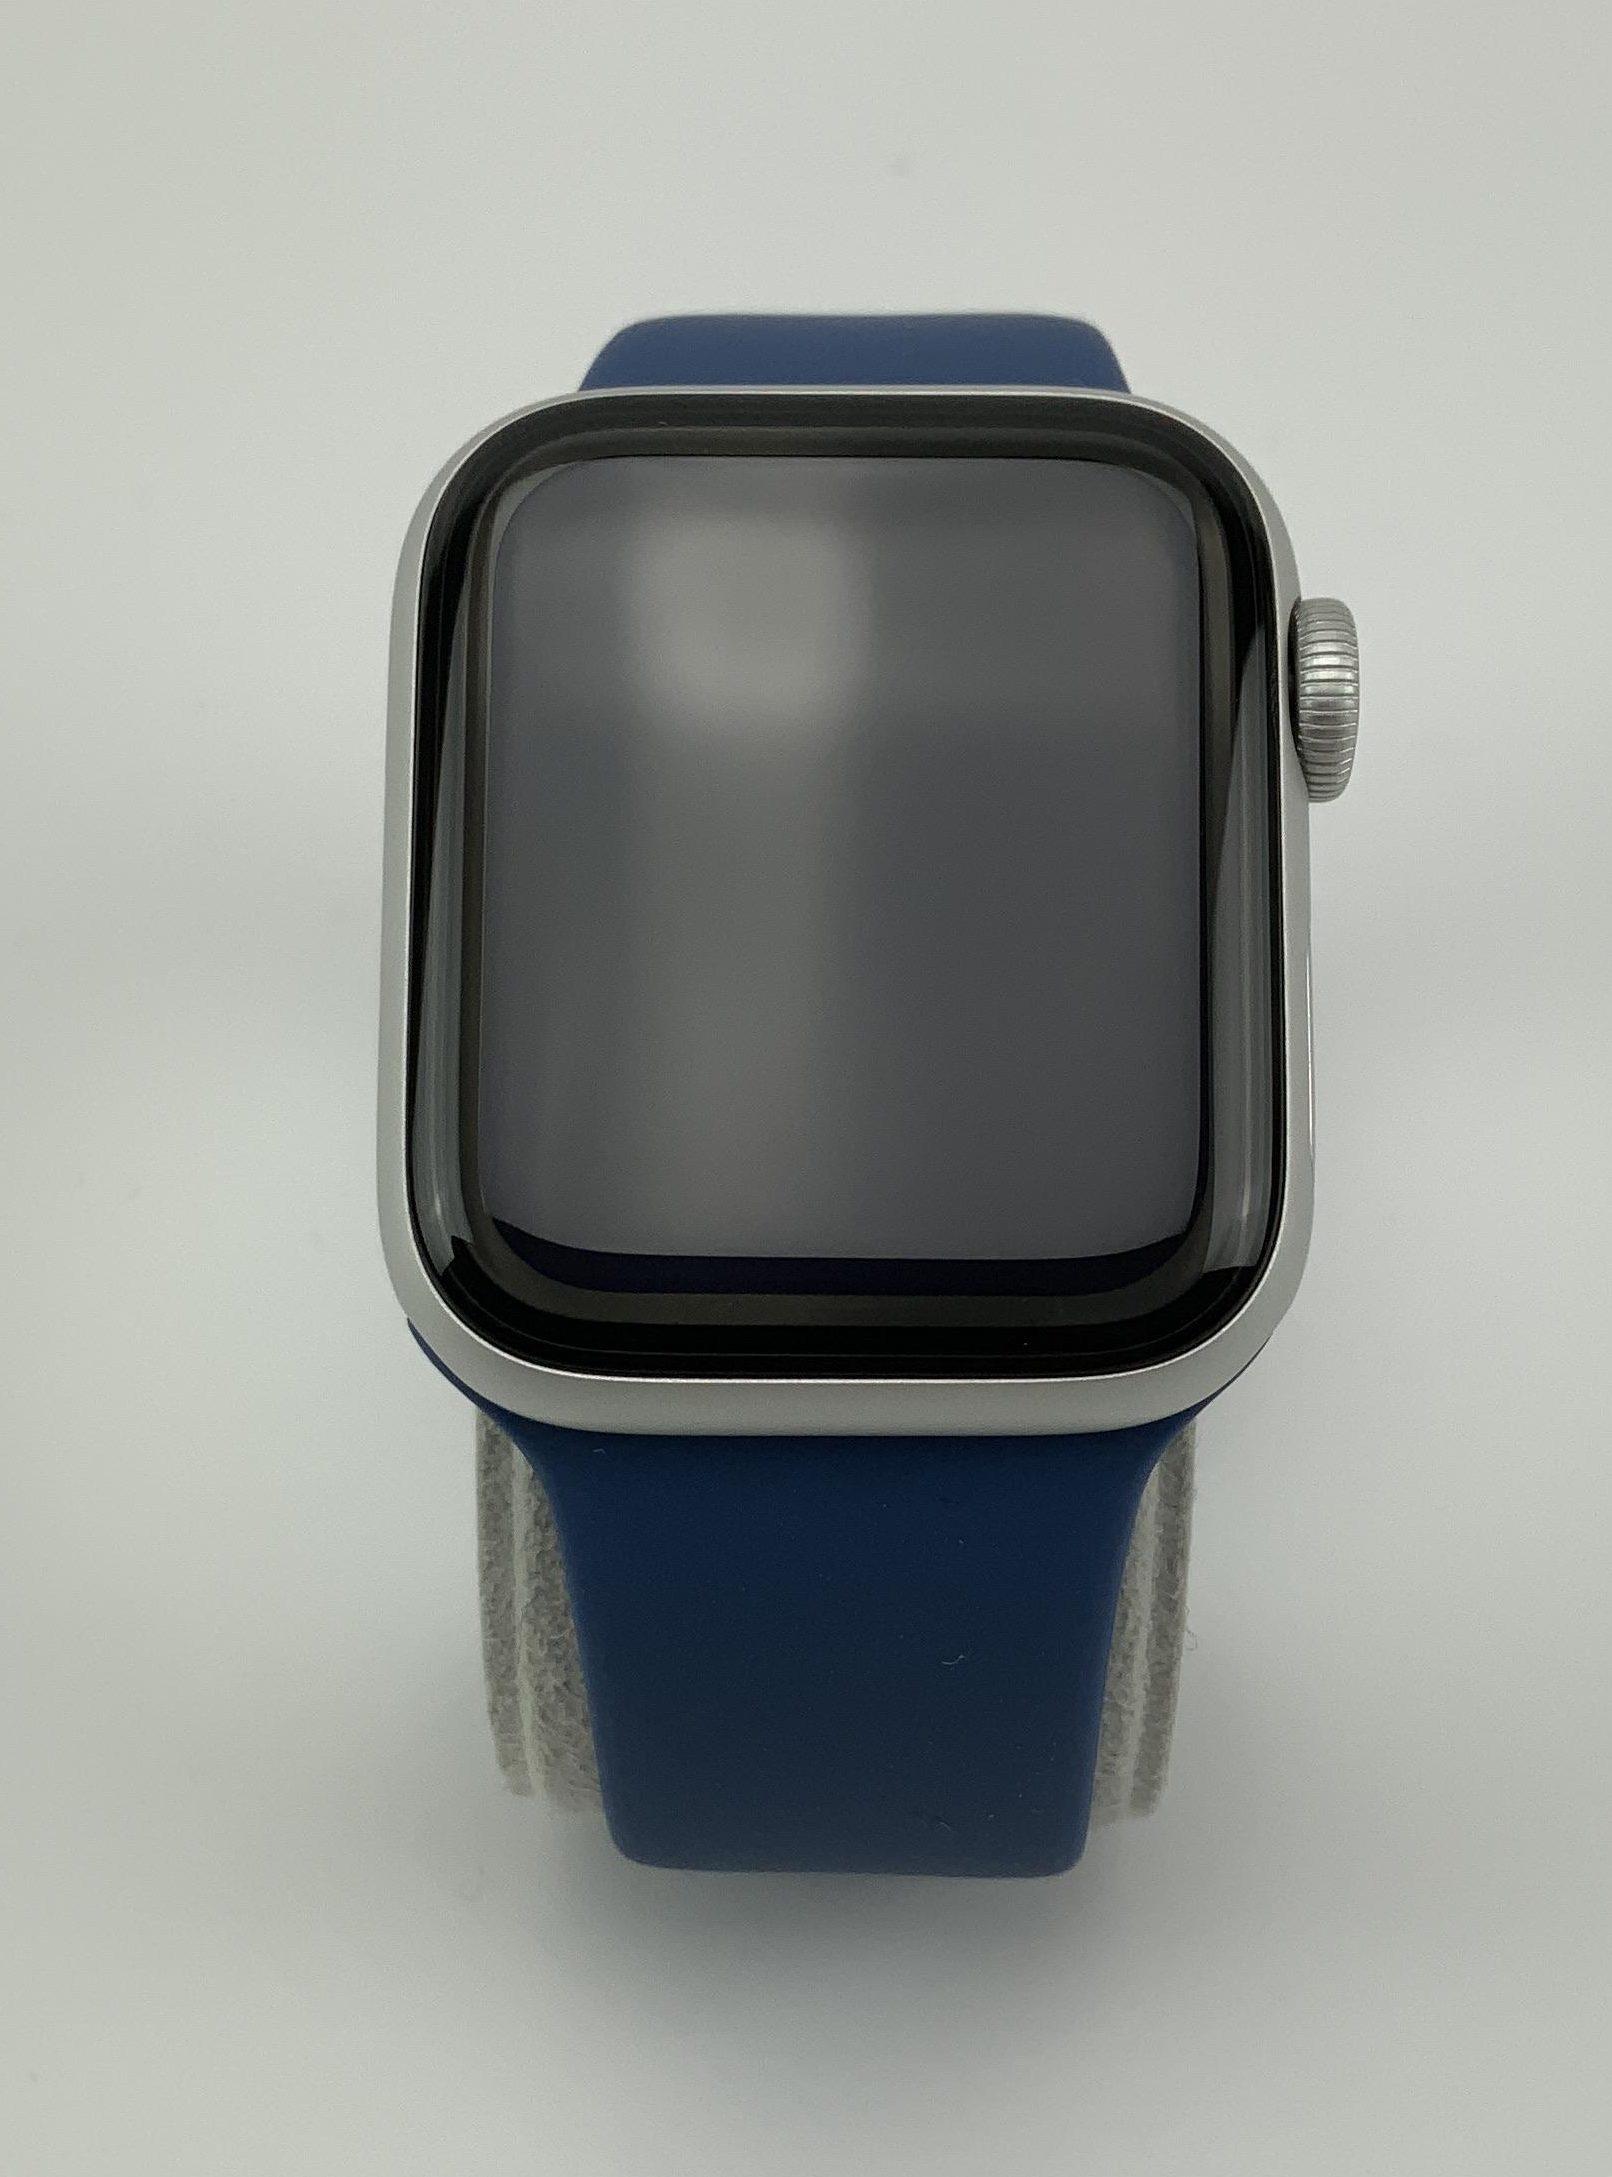 Watch Series 6 Aluminum (40mm), Silver, imagen 1